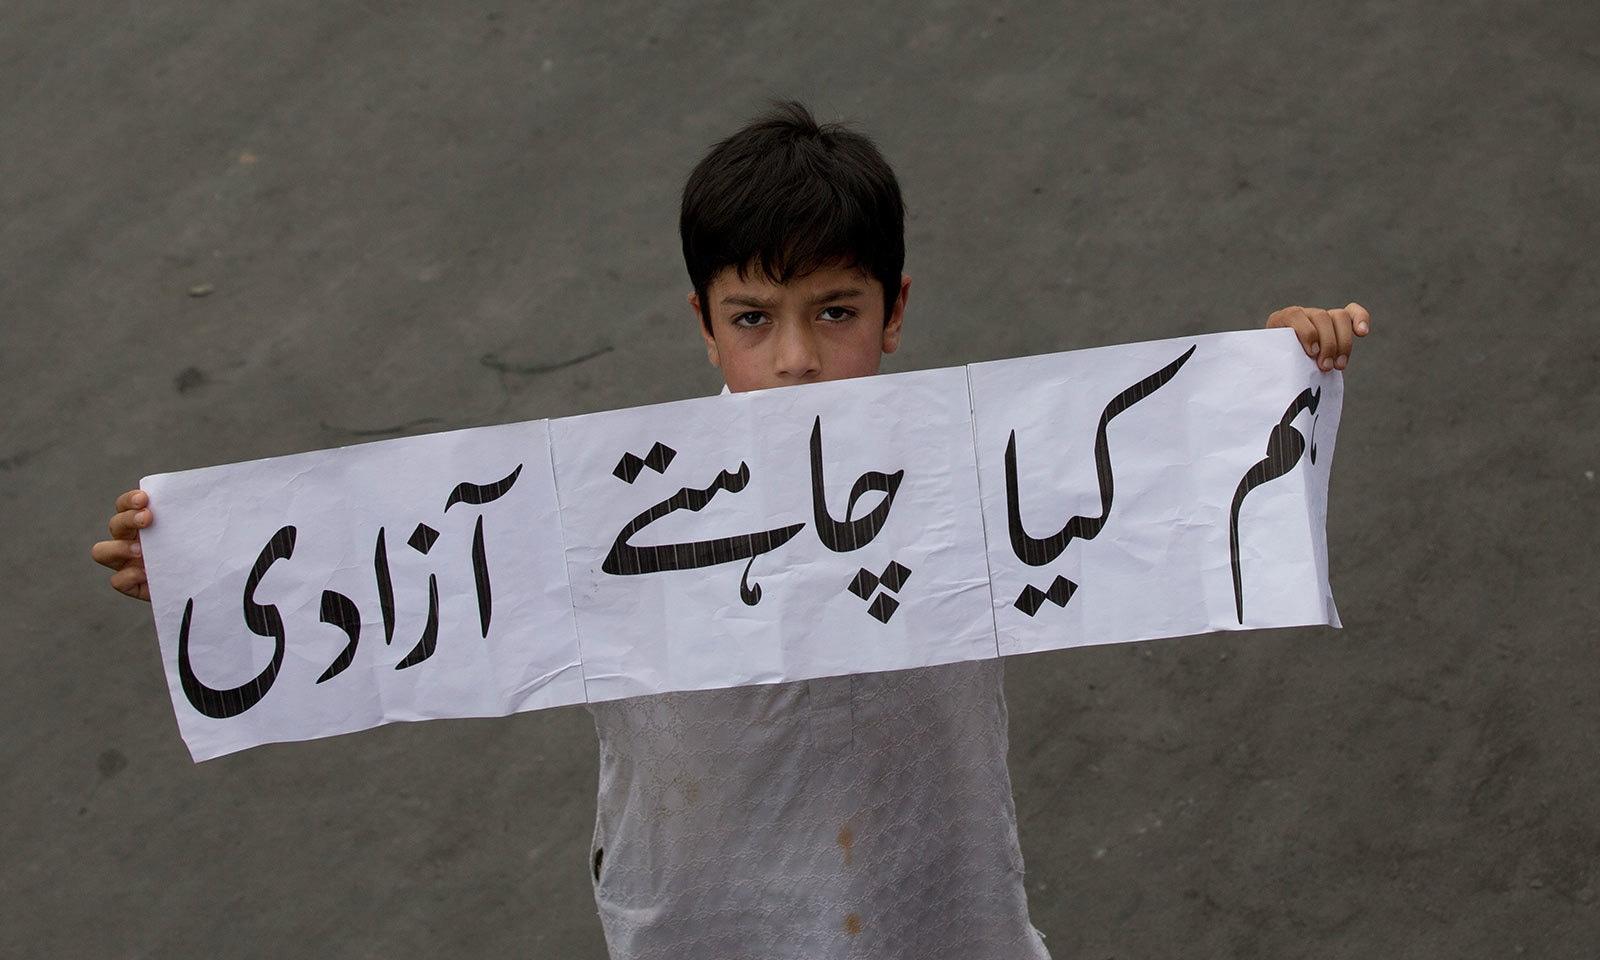 مقبوضہ کشمیر میں کرفیو کے باوجود بچوں اور نوجوانوں کے علاوہ خواتین نے بھی آزادی کے لیے احتجاج کیا — فوٹو:اے پی